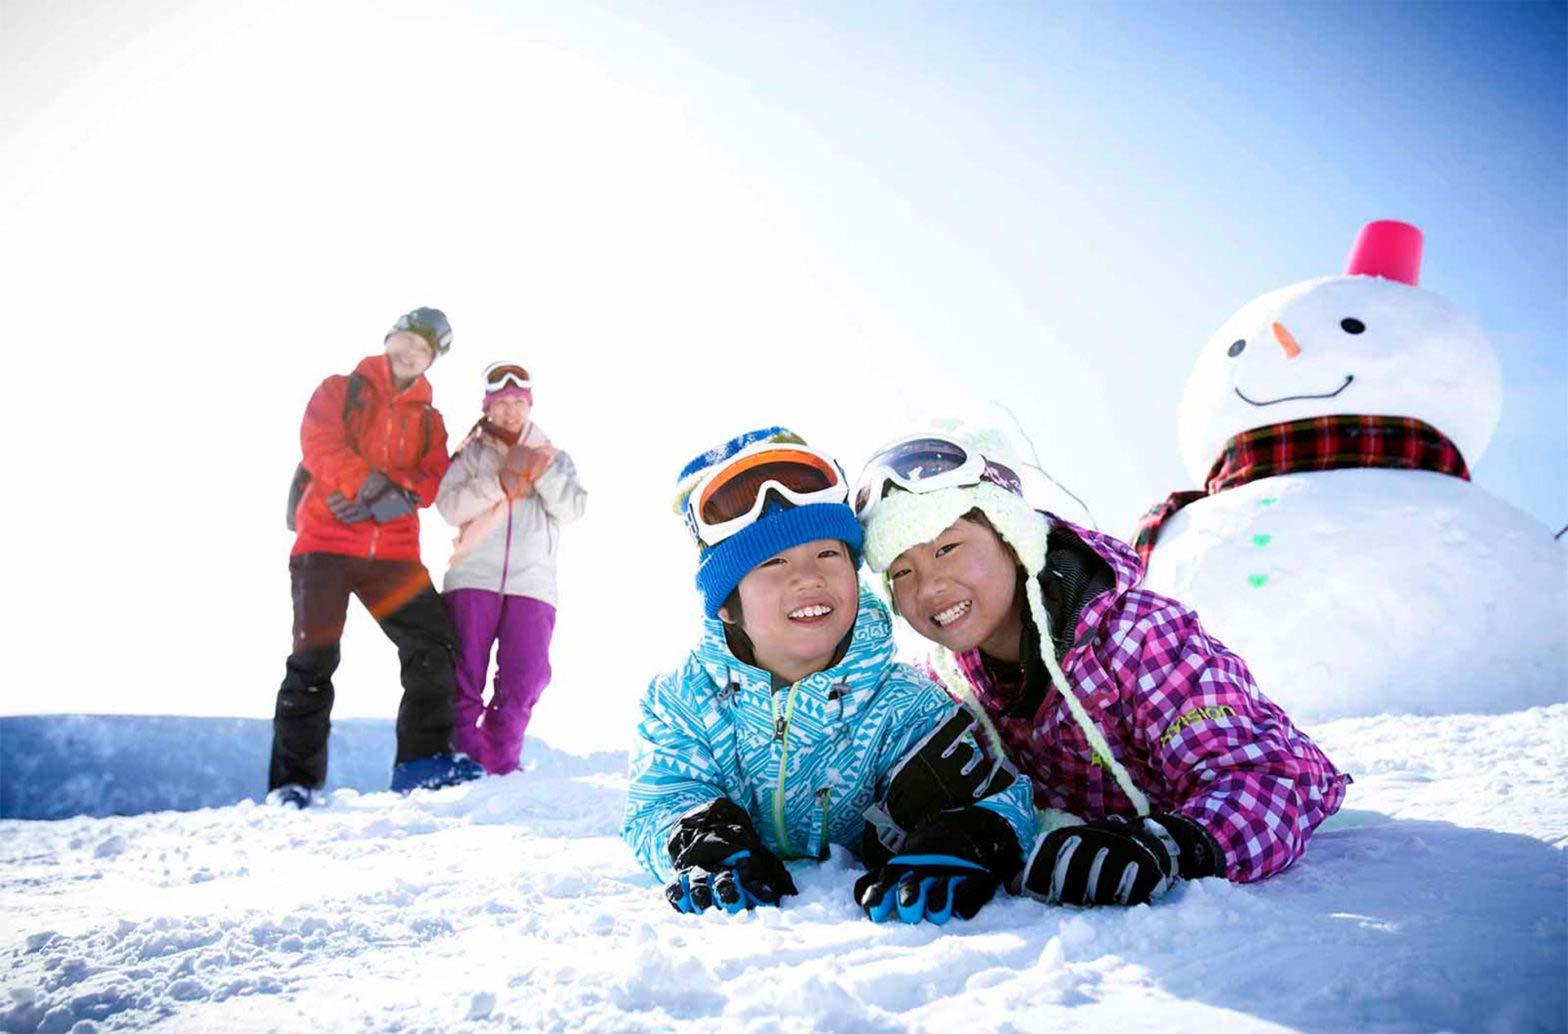 일본의 겨울을 느끼는 여행